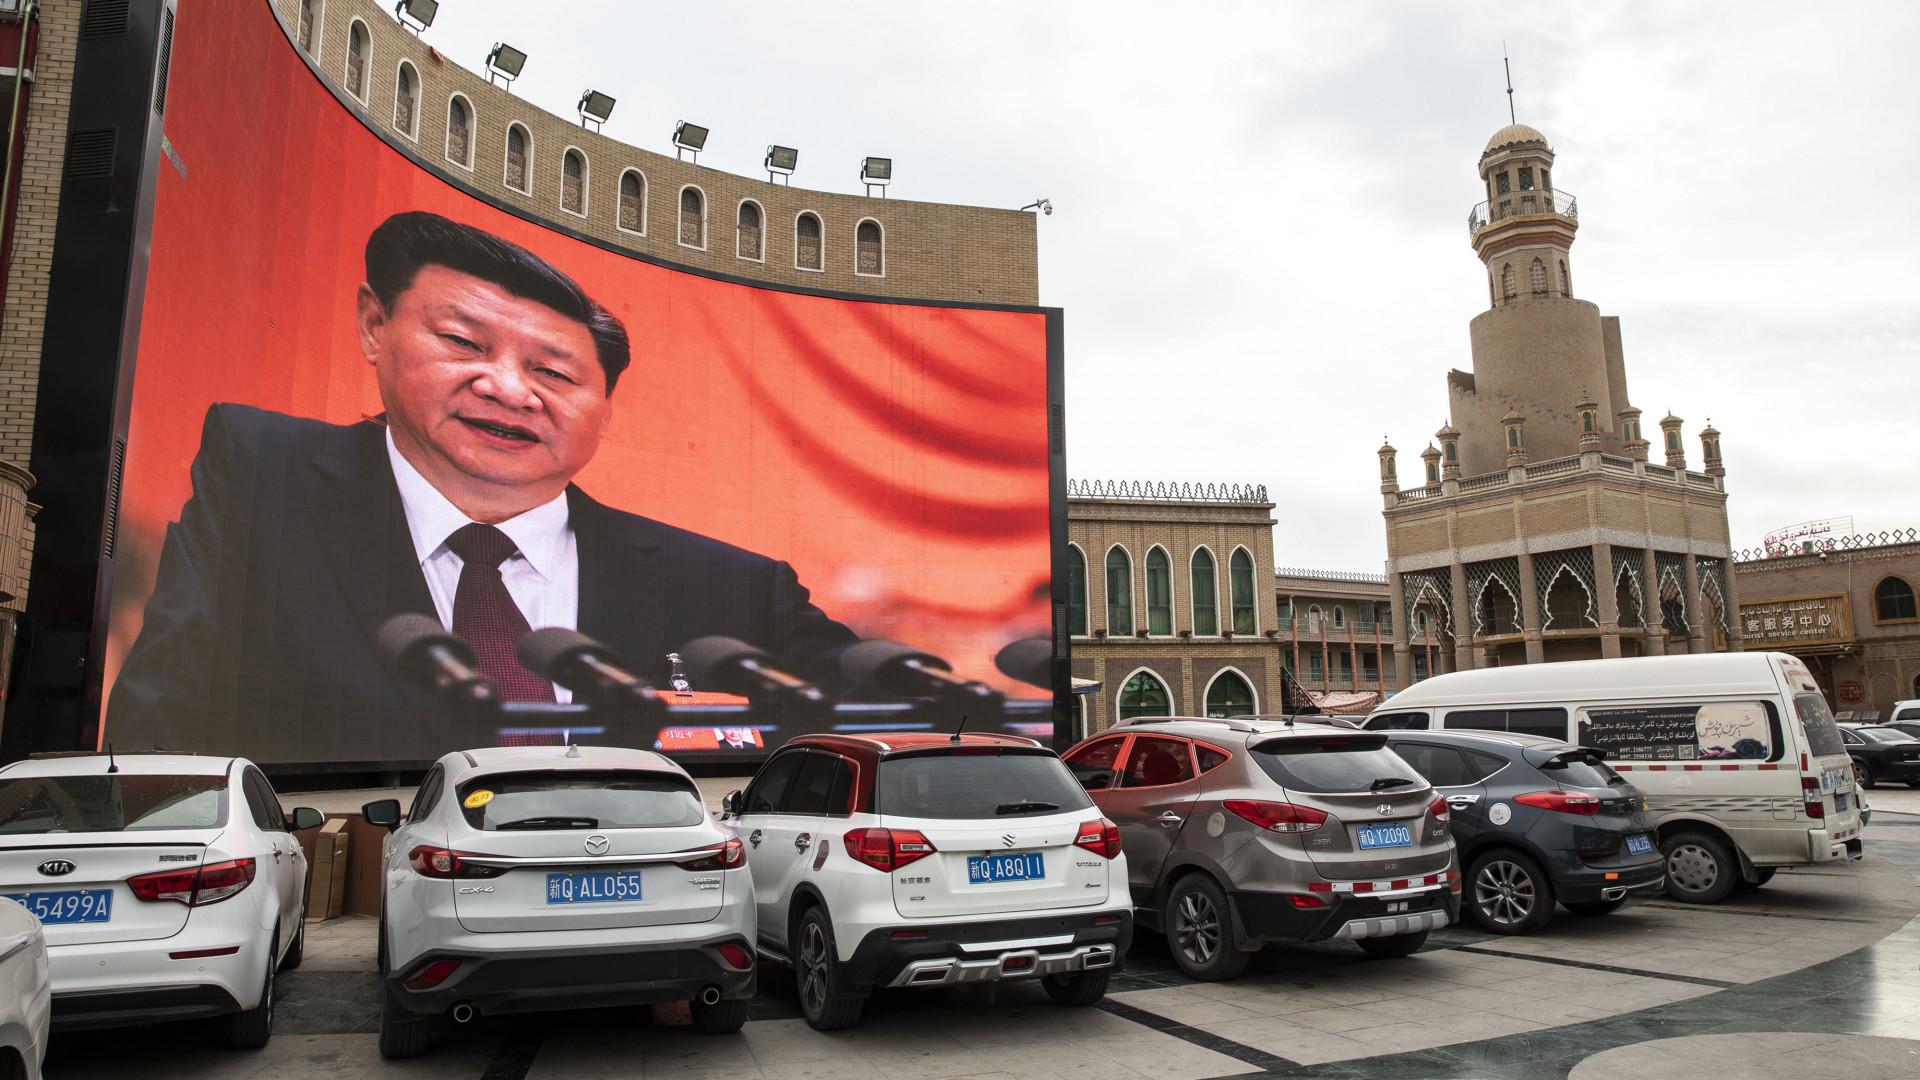 Kína sötét titka: milliókat tartanak brutális elnyomásban, totális megfigyelésben, zárt táborokban